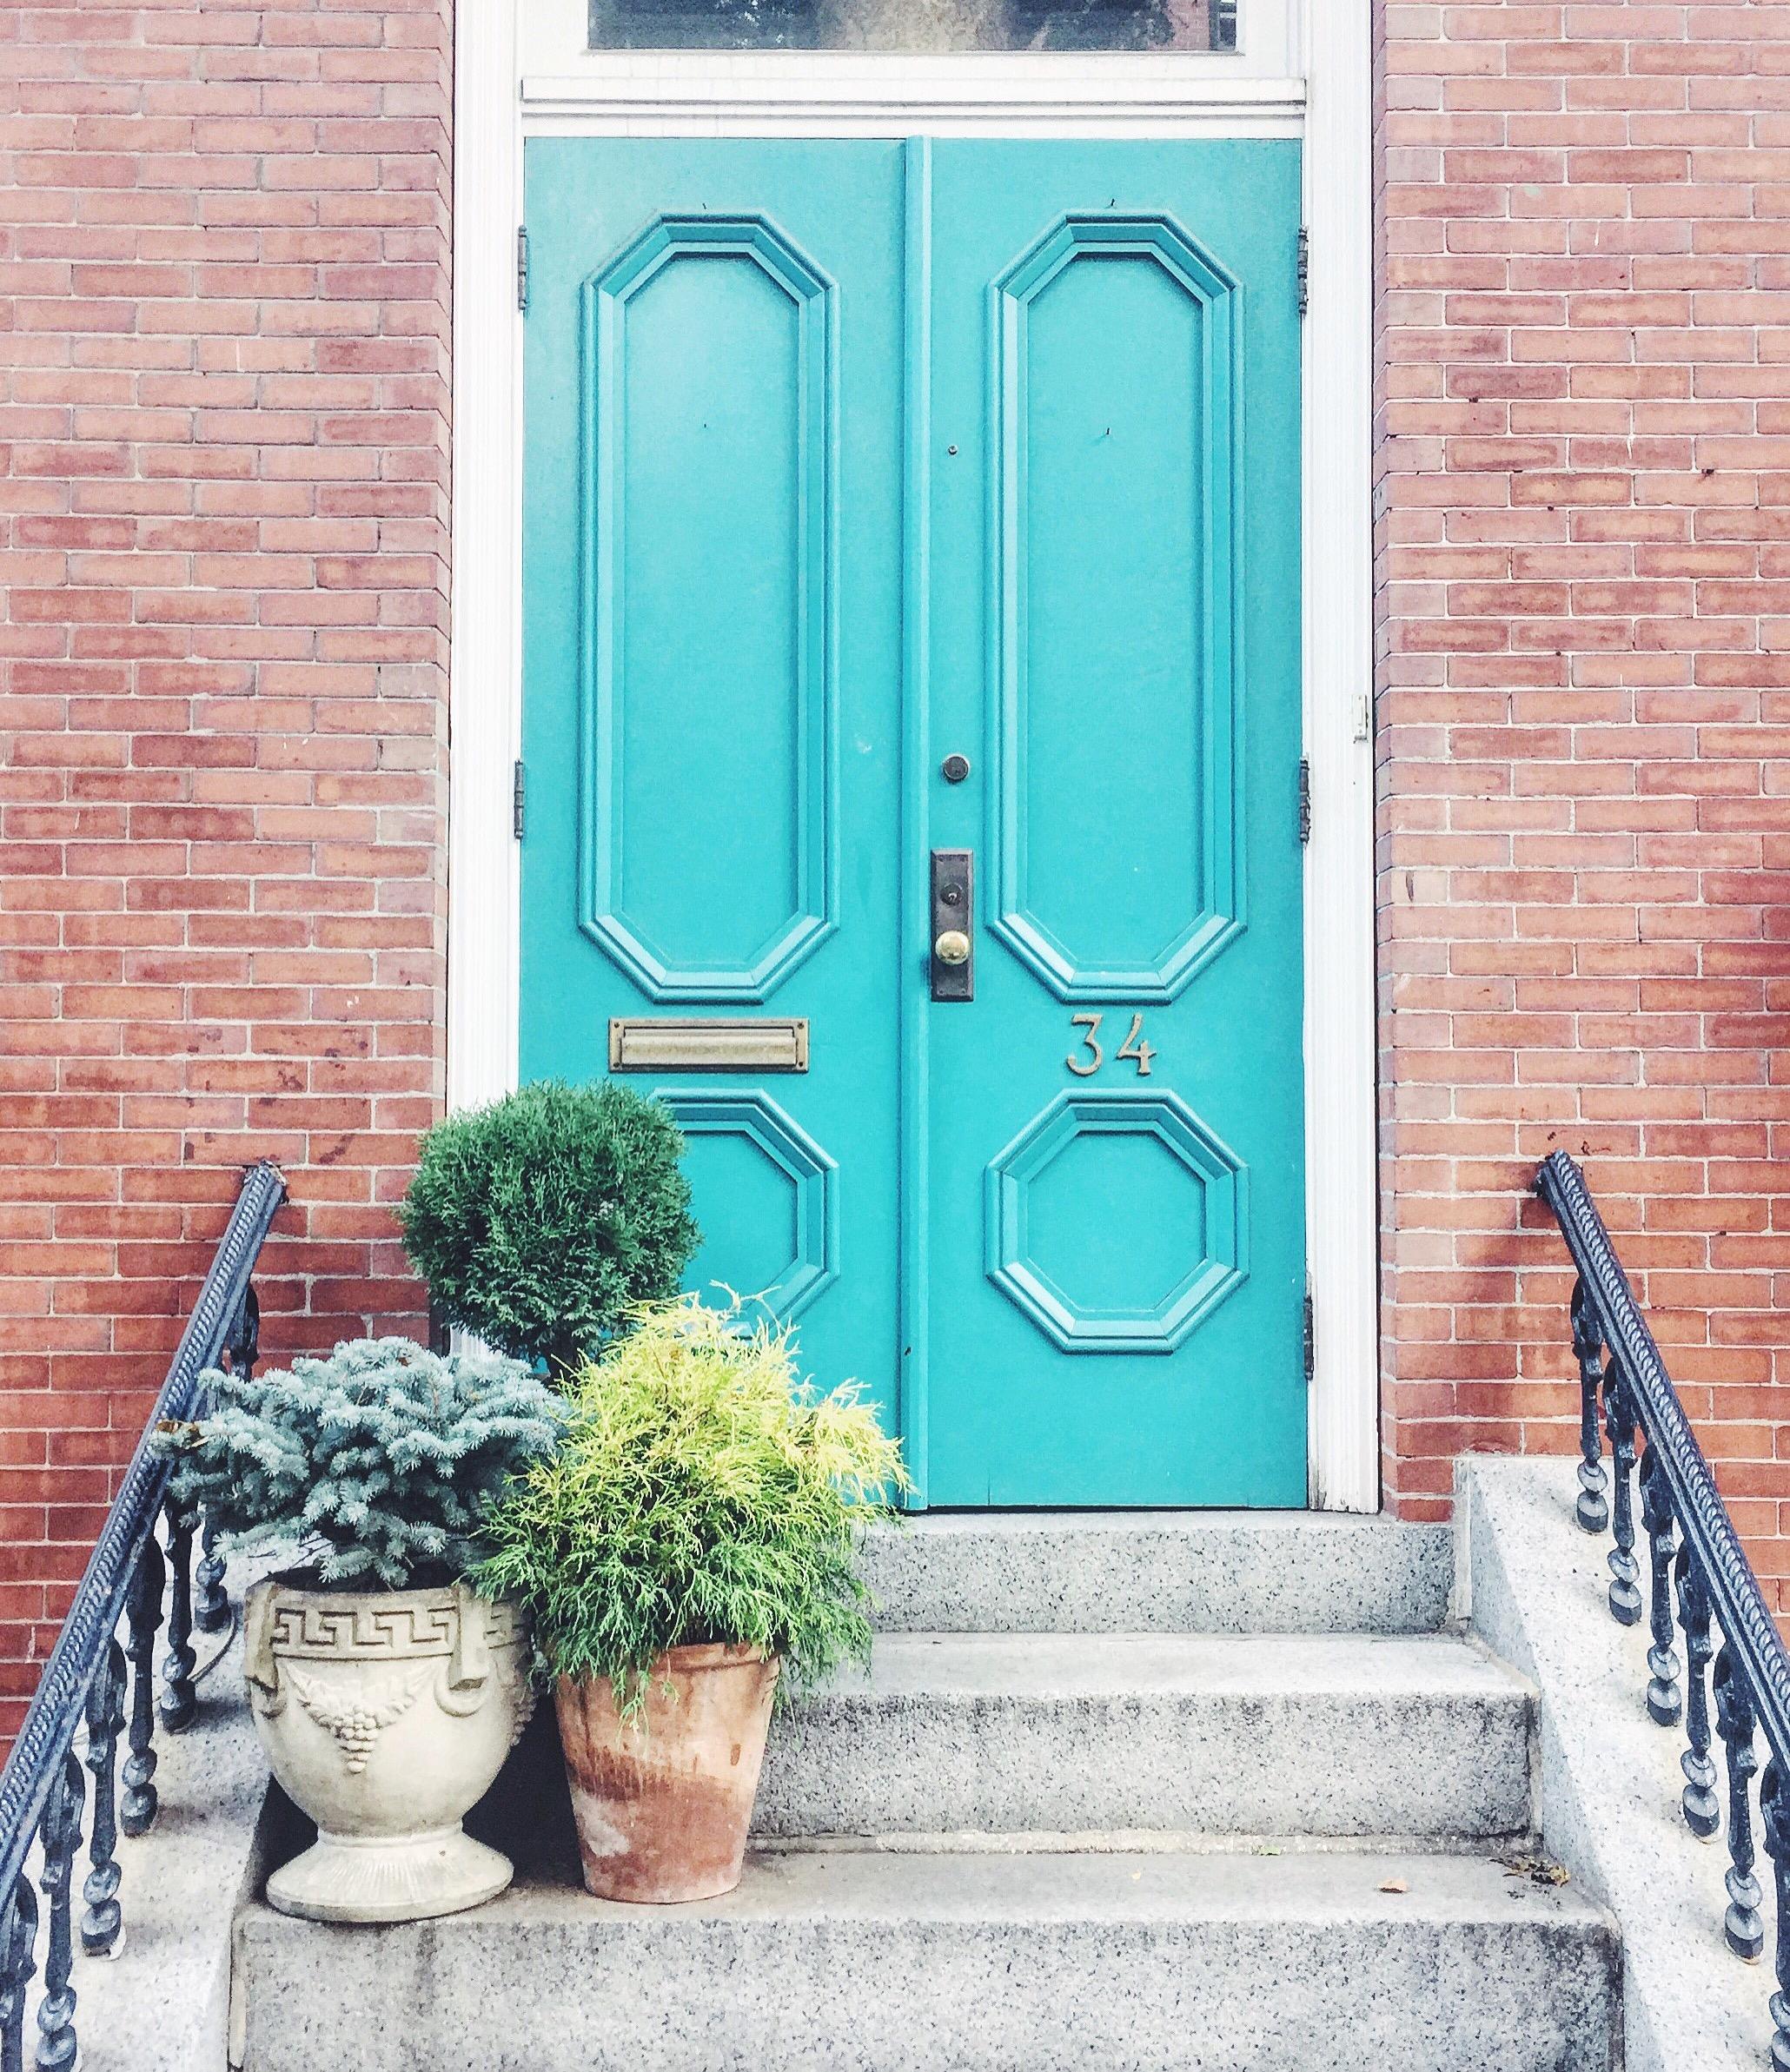 Boston Brownstone - Blue Front Door